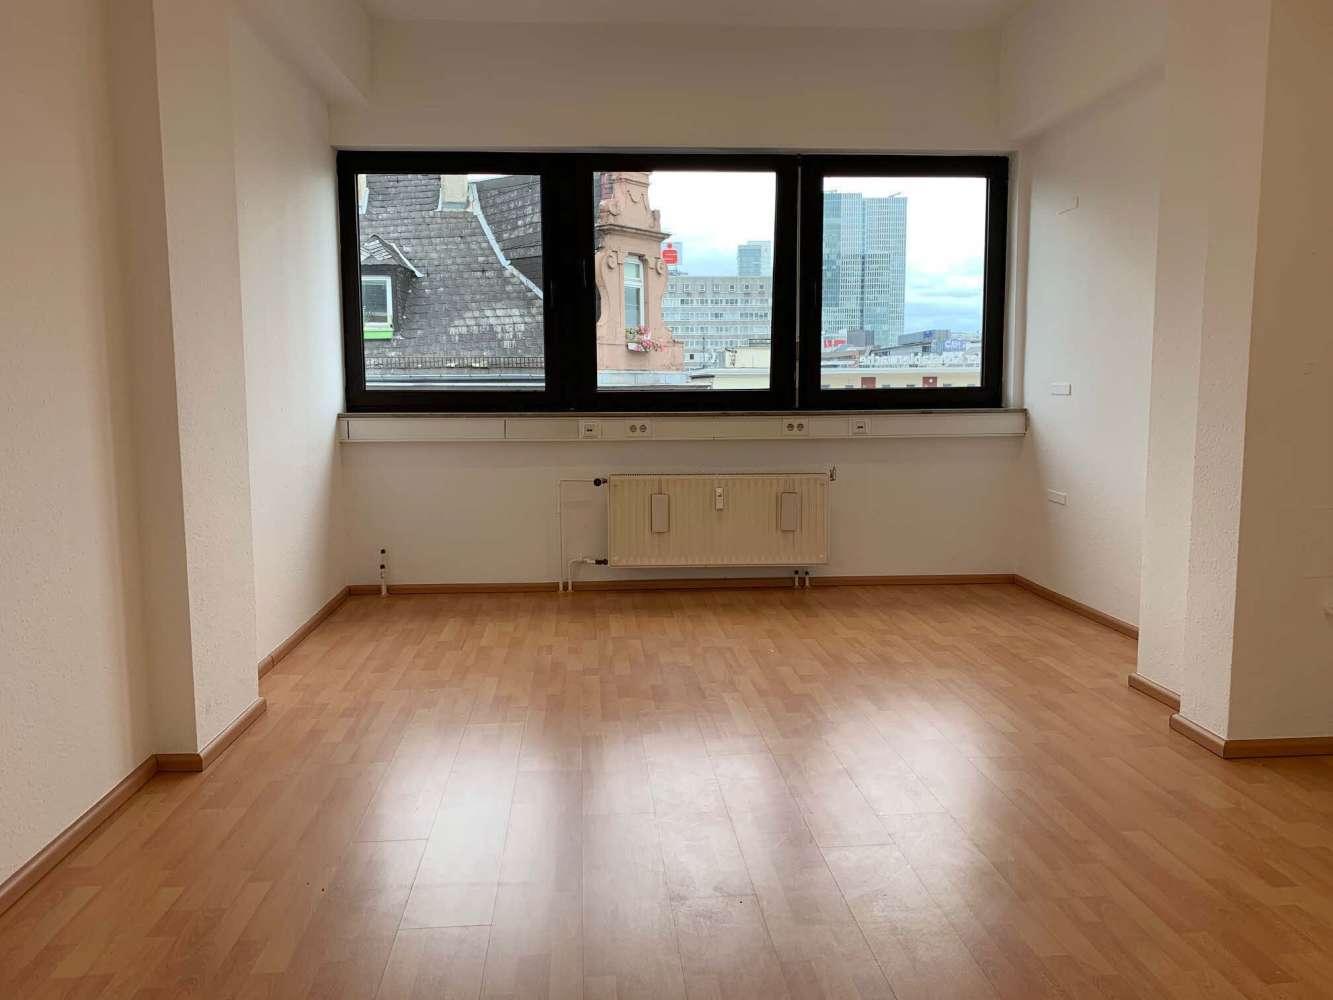 Büros Frankfurt am main, 60313 - Büro - Frankfurt am Main, Innenstadt - F0307 - 10348800